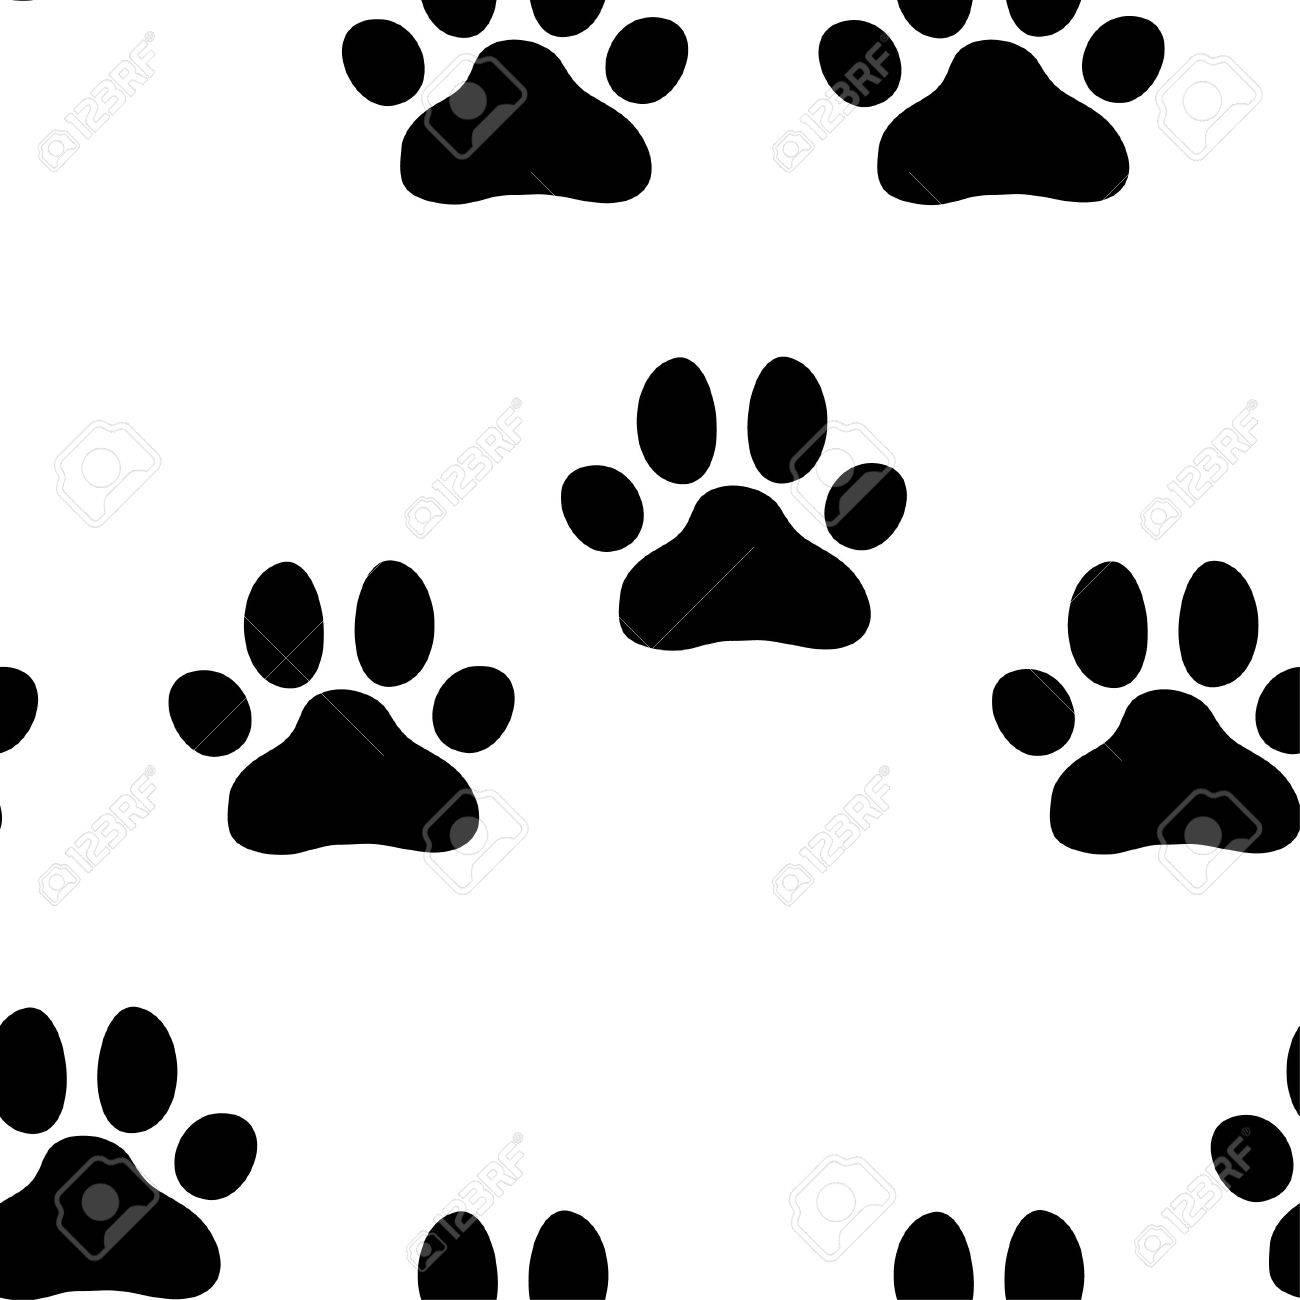 足の犬パターン 動物園の印刷用イラストのイラスト素材 ベクタ Image 4657